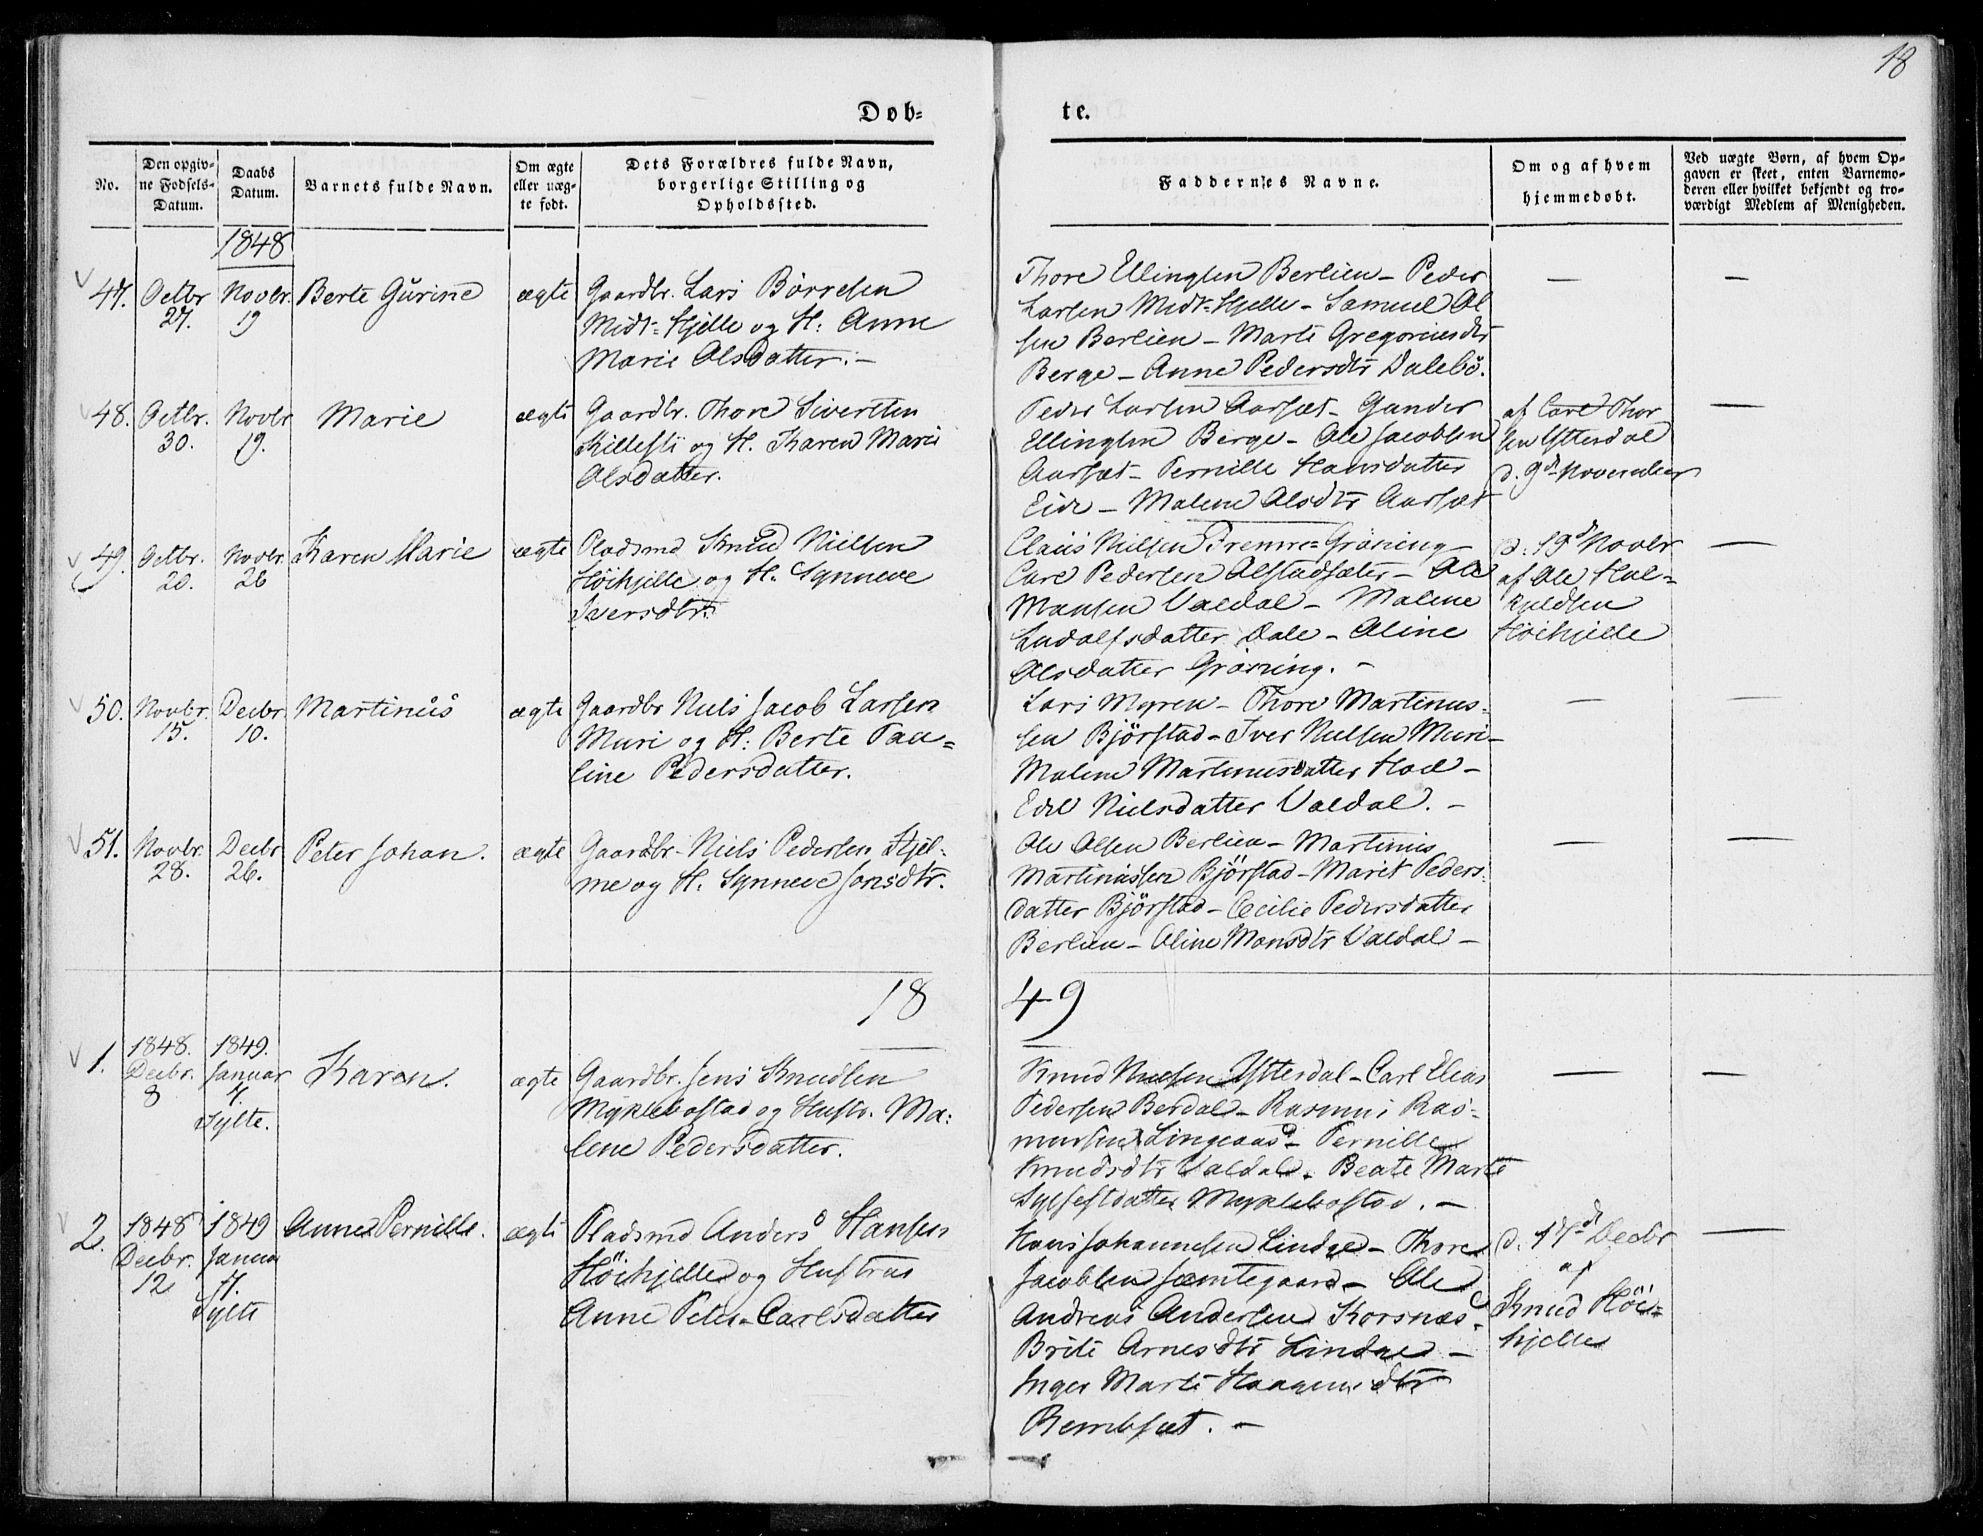 SAT, Ministerialprotokoller, klokkerbøker og fødselsregistre - Møre og Romsdal, 519/L0249: Ministerialbok nr. 519A08, 1846-1868, s. 18